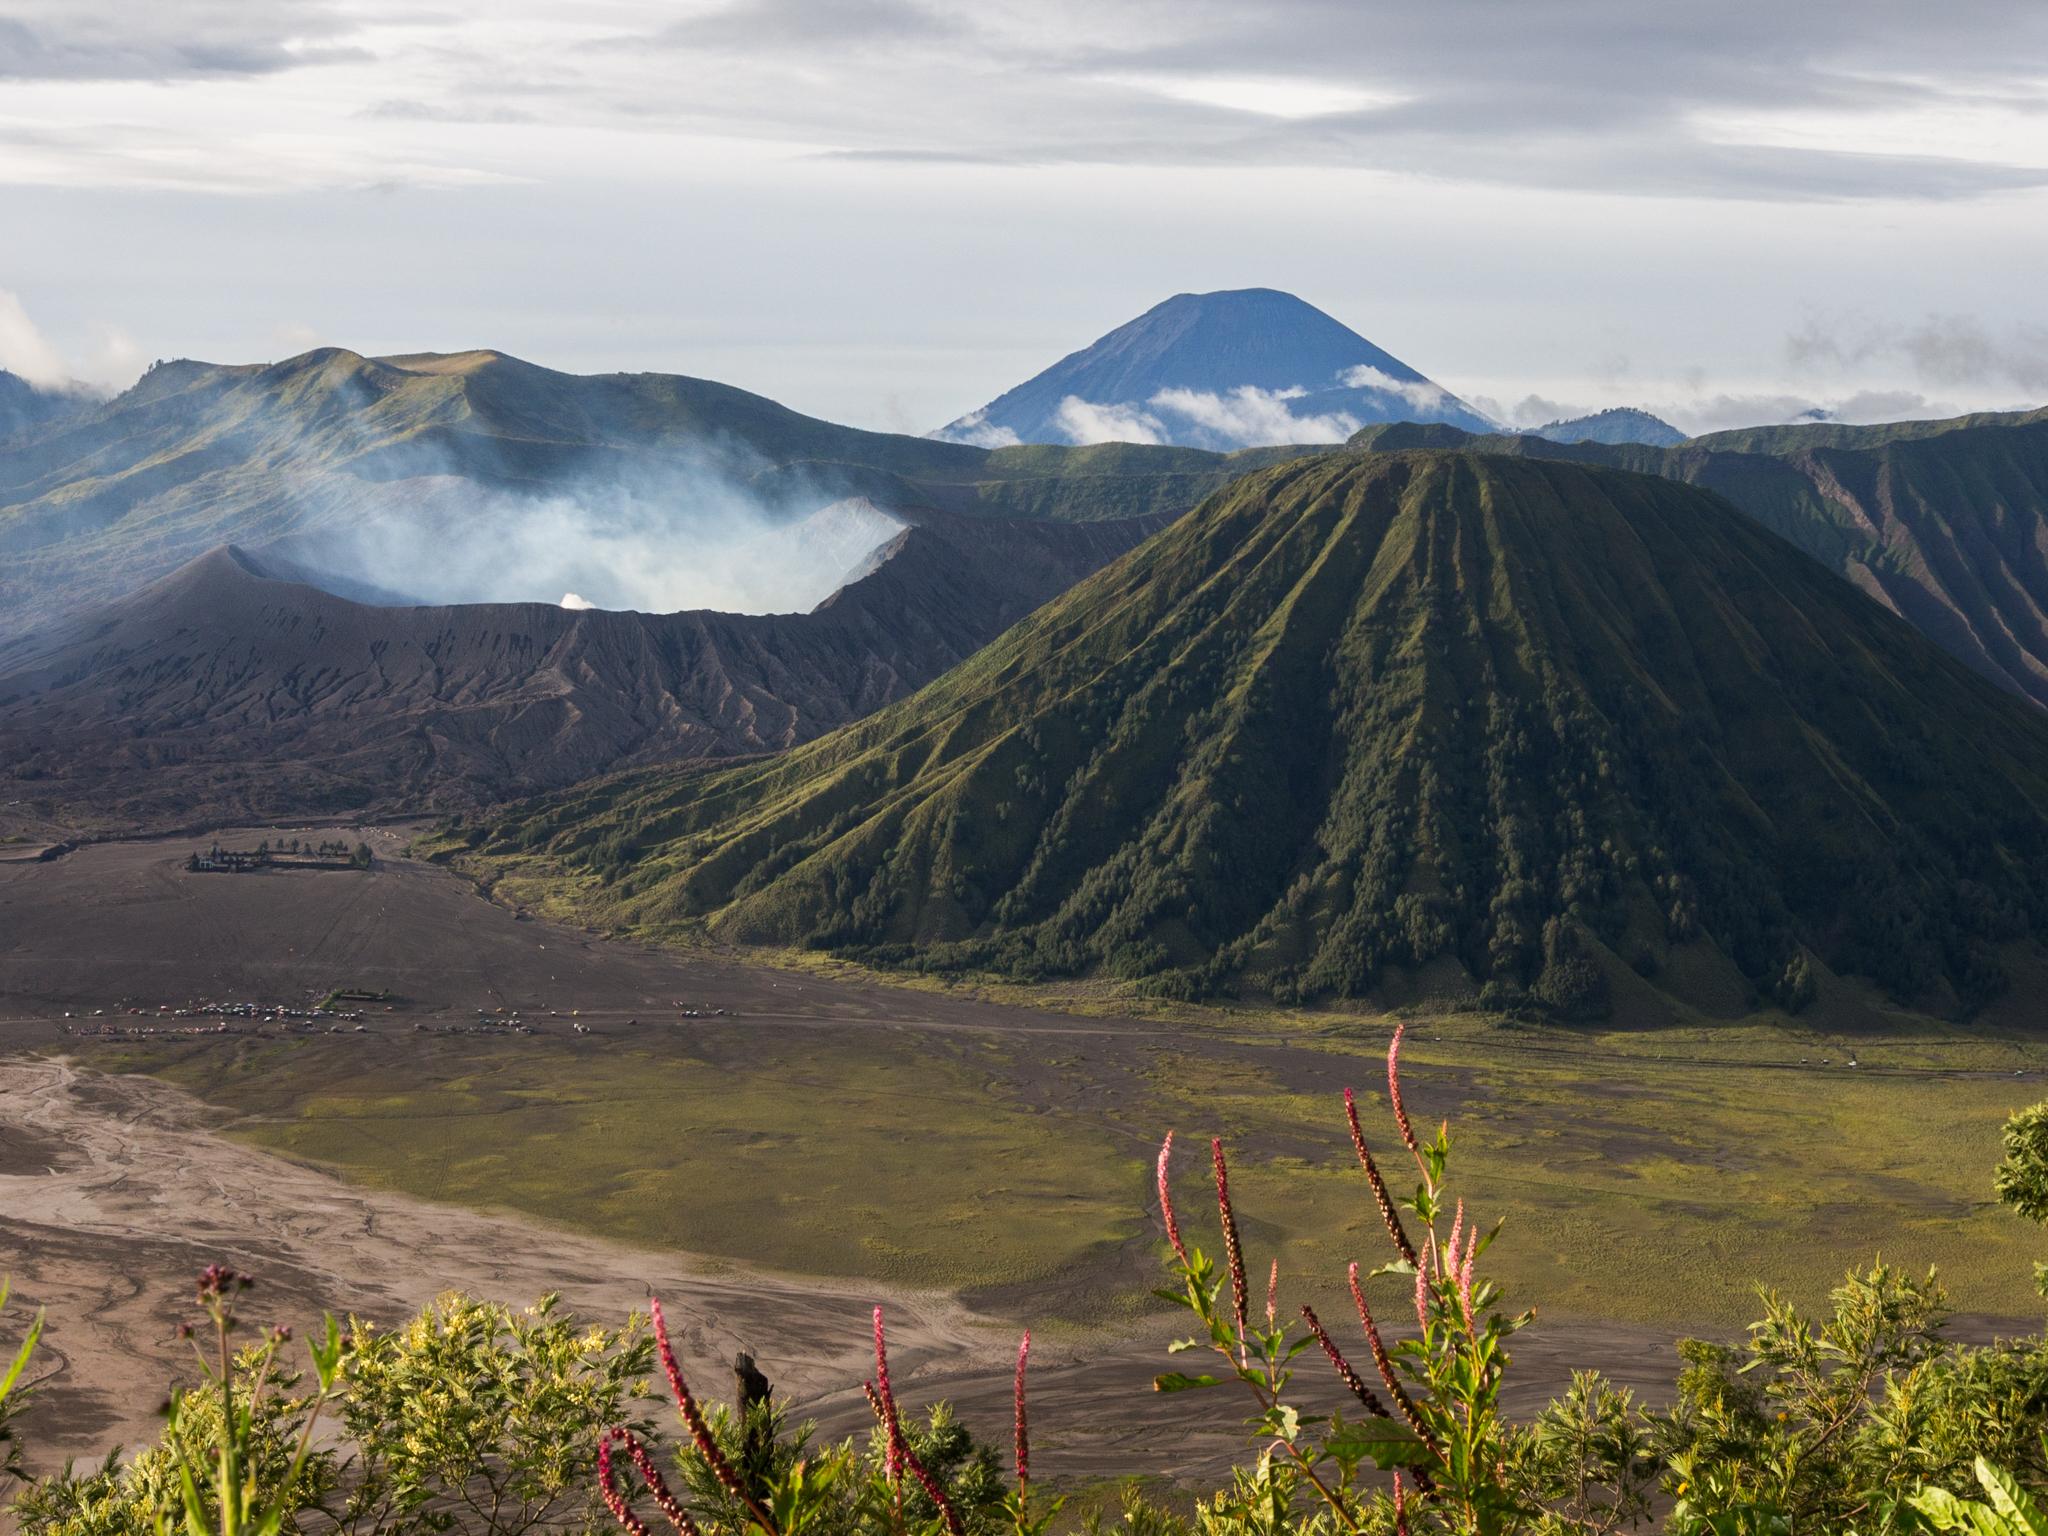 Mt. Bromo - East Java, Indonesia